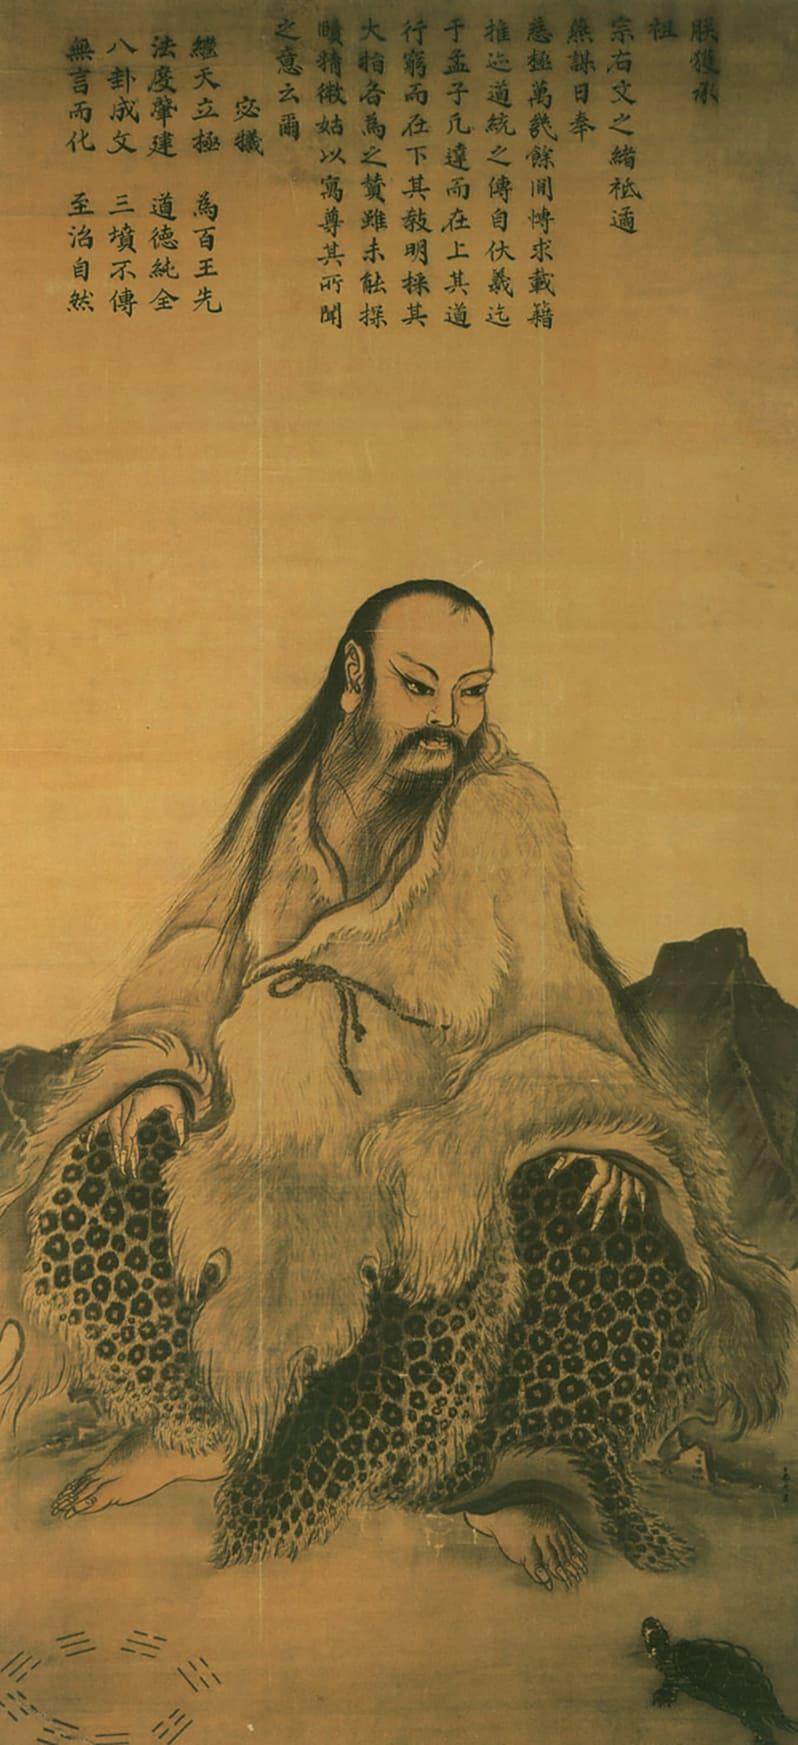 Легенда о возникновении цитры Цинь